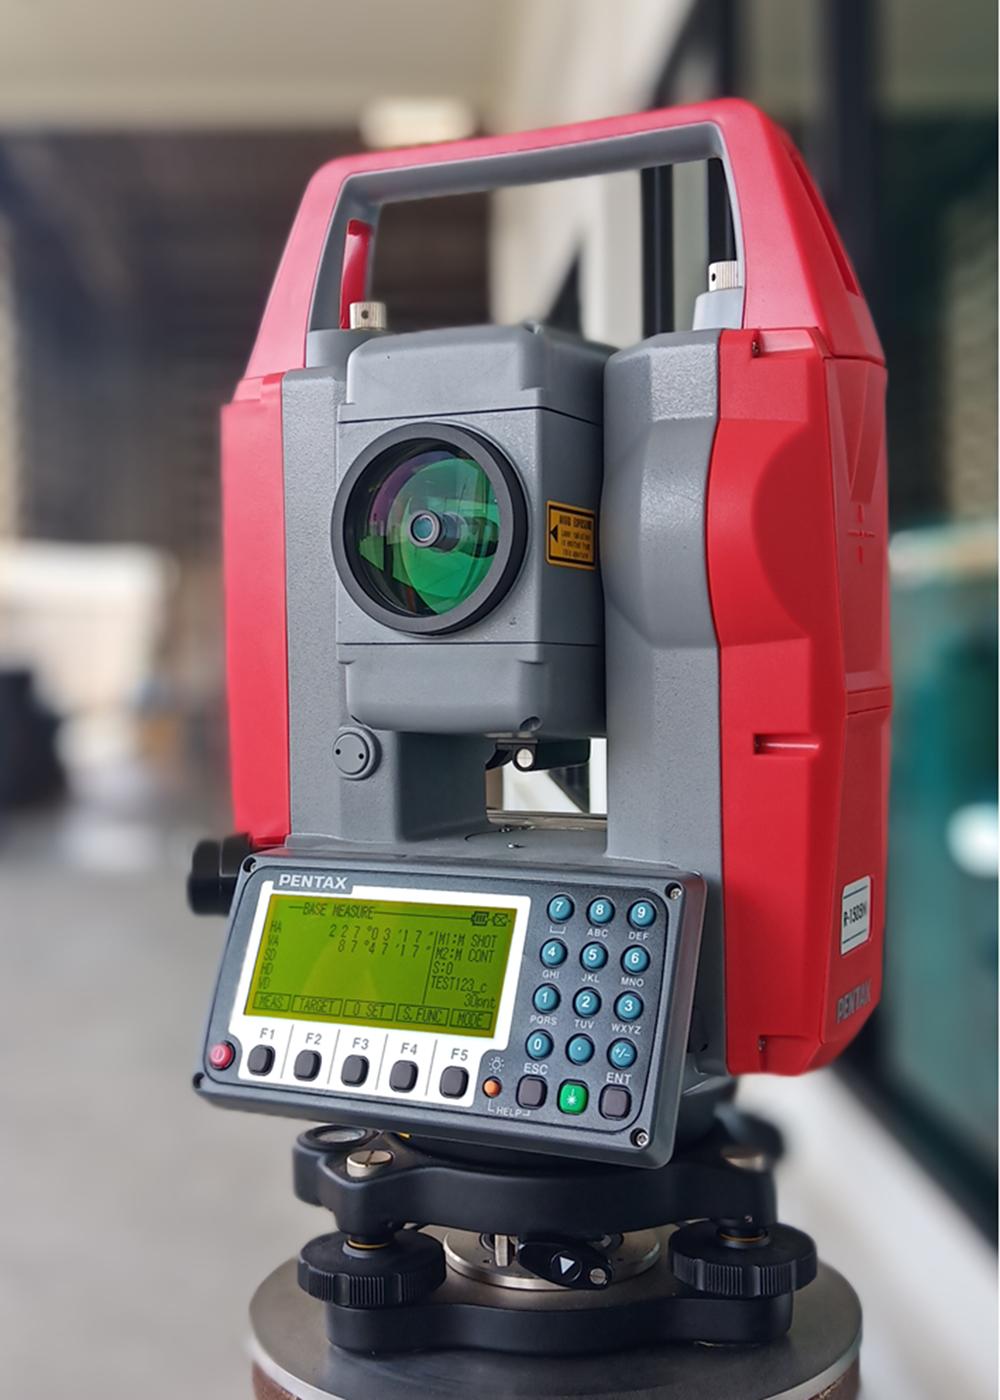 กล้อง TOTAL STATION  ยี่ห้อ PENTAX รุ่น R-1505N กล้อง Total Station,จำหน่ายกล้องTotal Station มือ1,กล้องTotal Station วัดระยะทางได้,กล้อง Total Station วัดระยะแบบอ่านค่าพิกัดได้,จำหน่ายกล้องTotal Station แบรนด์ดัง โทร. 086-0862000